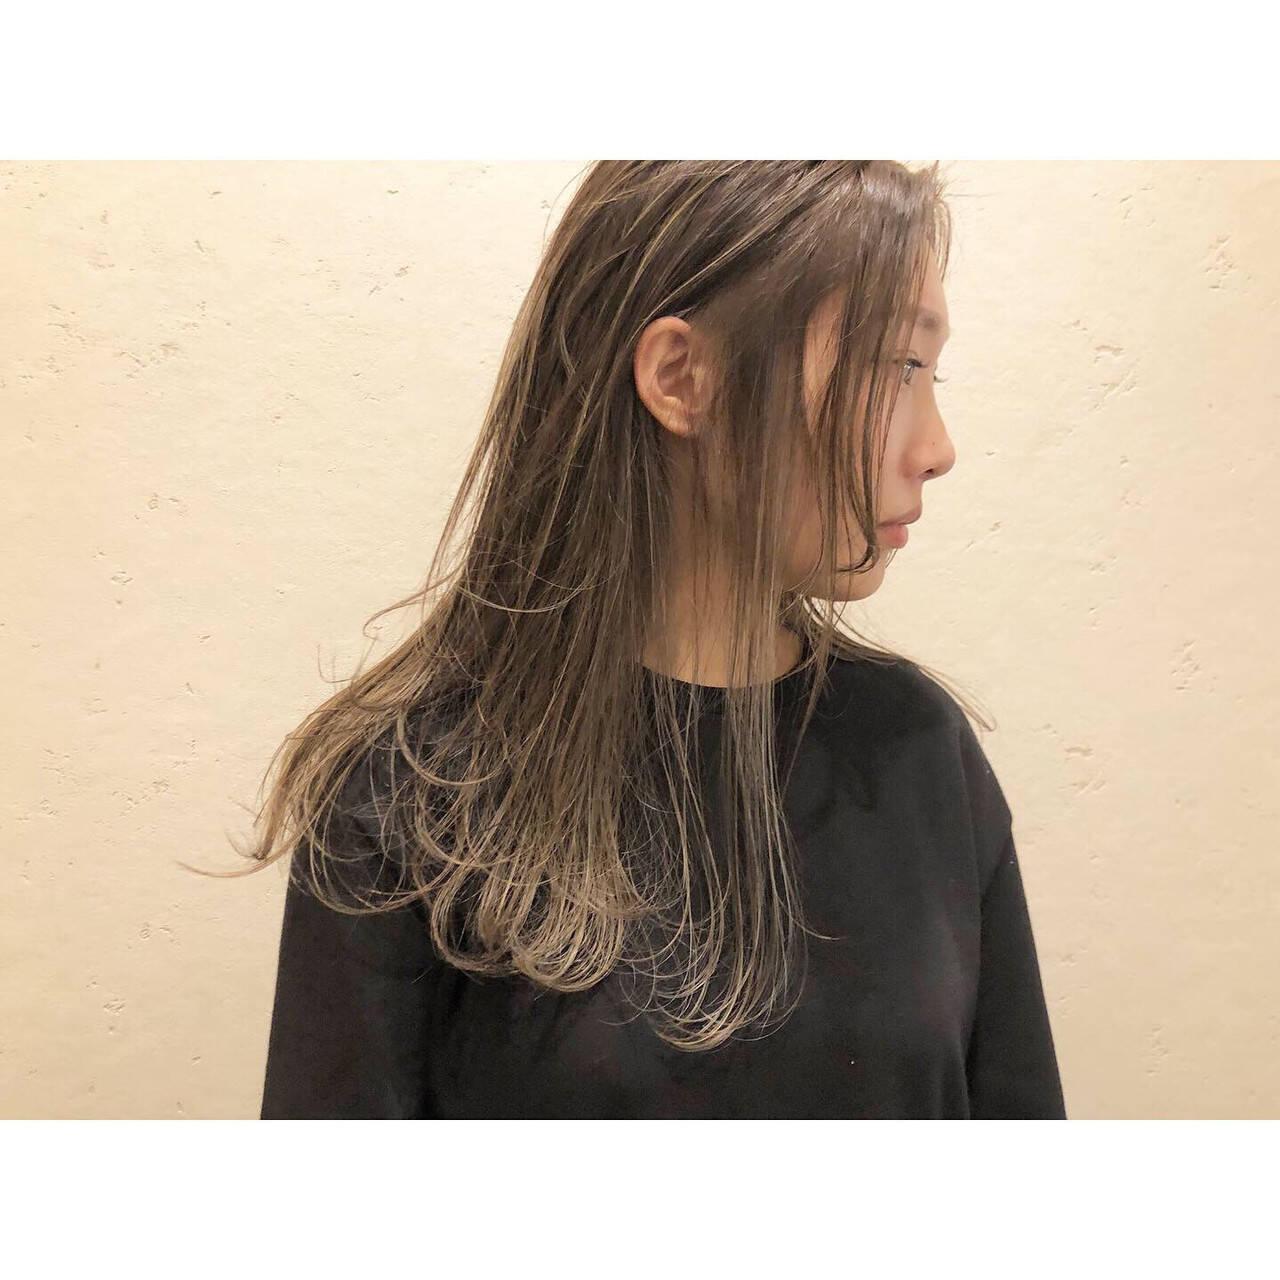 ハイライト ロング 花嫁 コントラストハイライトヘアスタイルや髪型の写真・画像